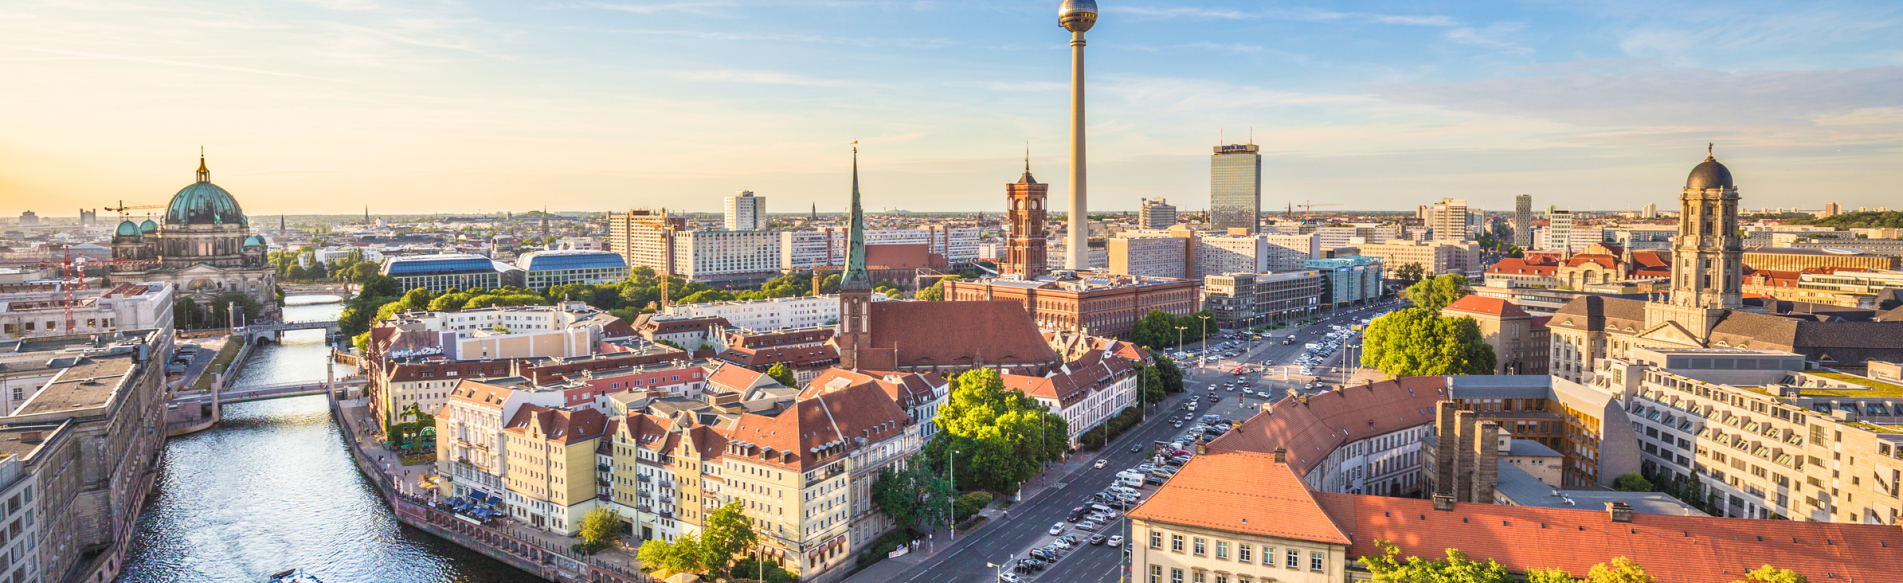 Familienhotel Berlin